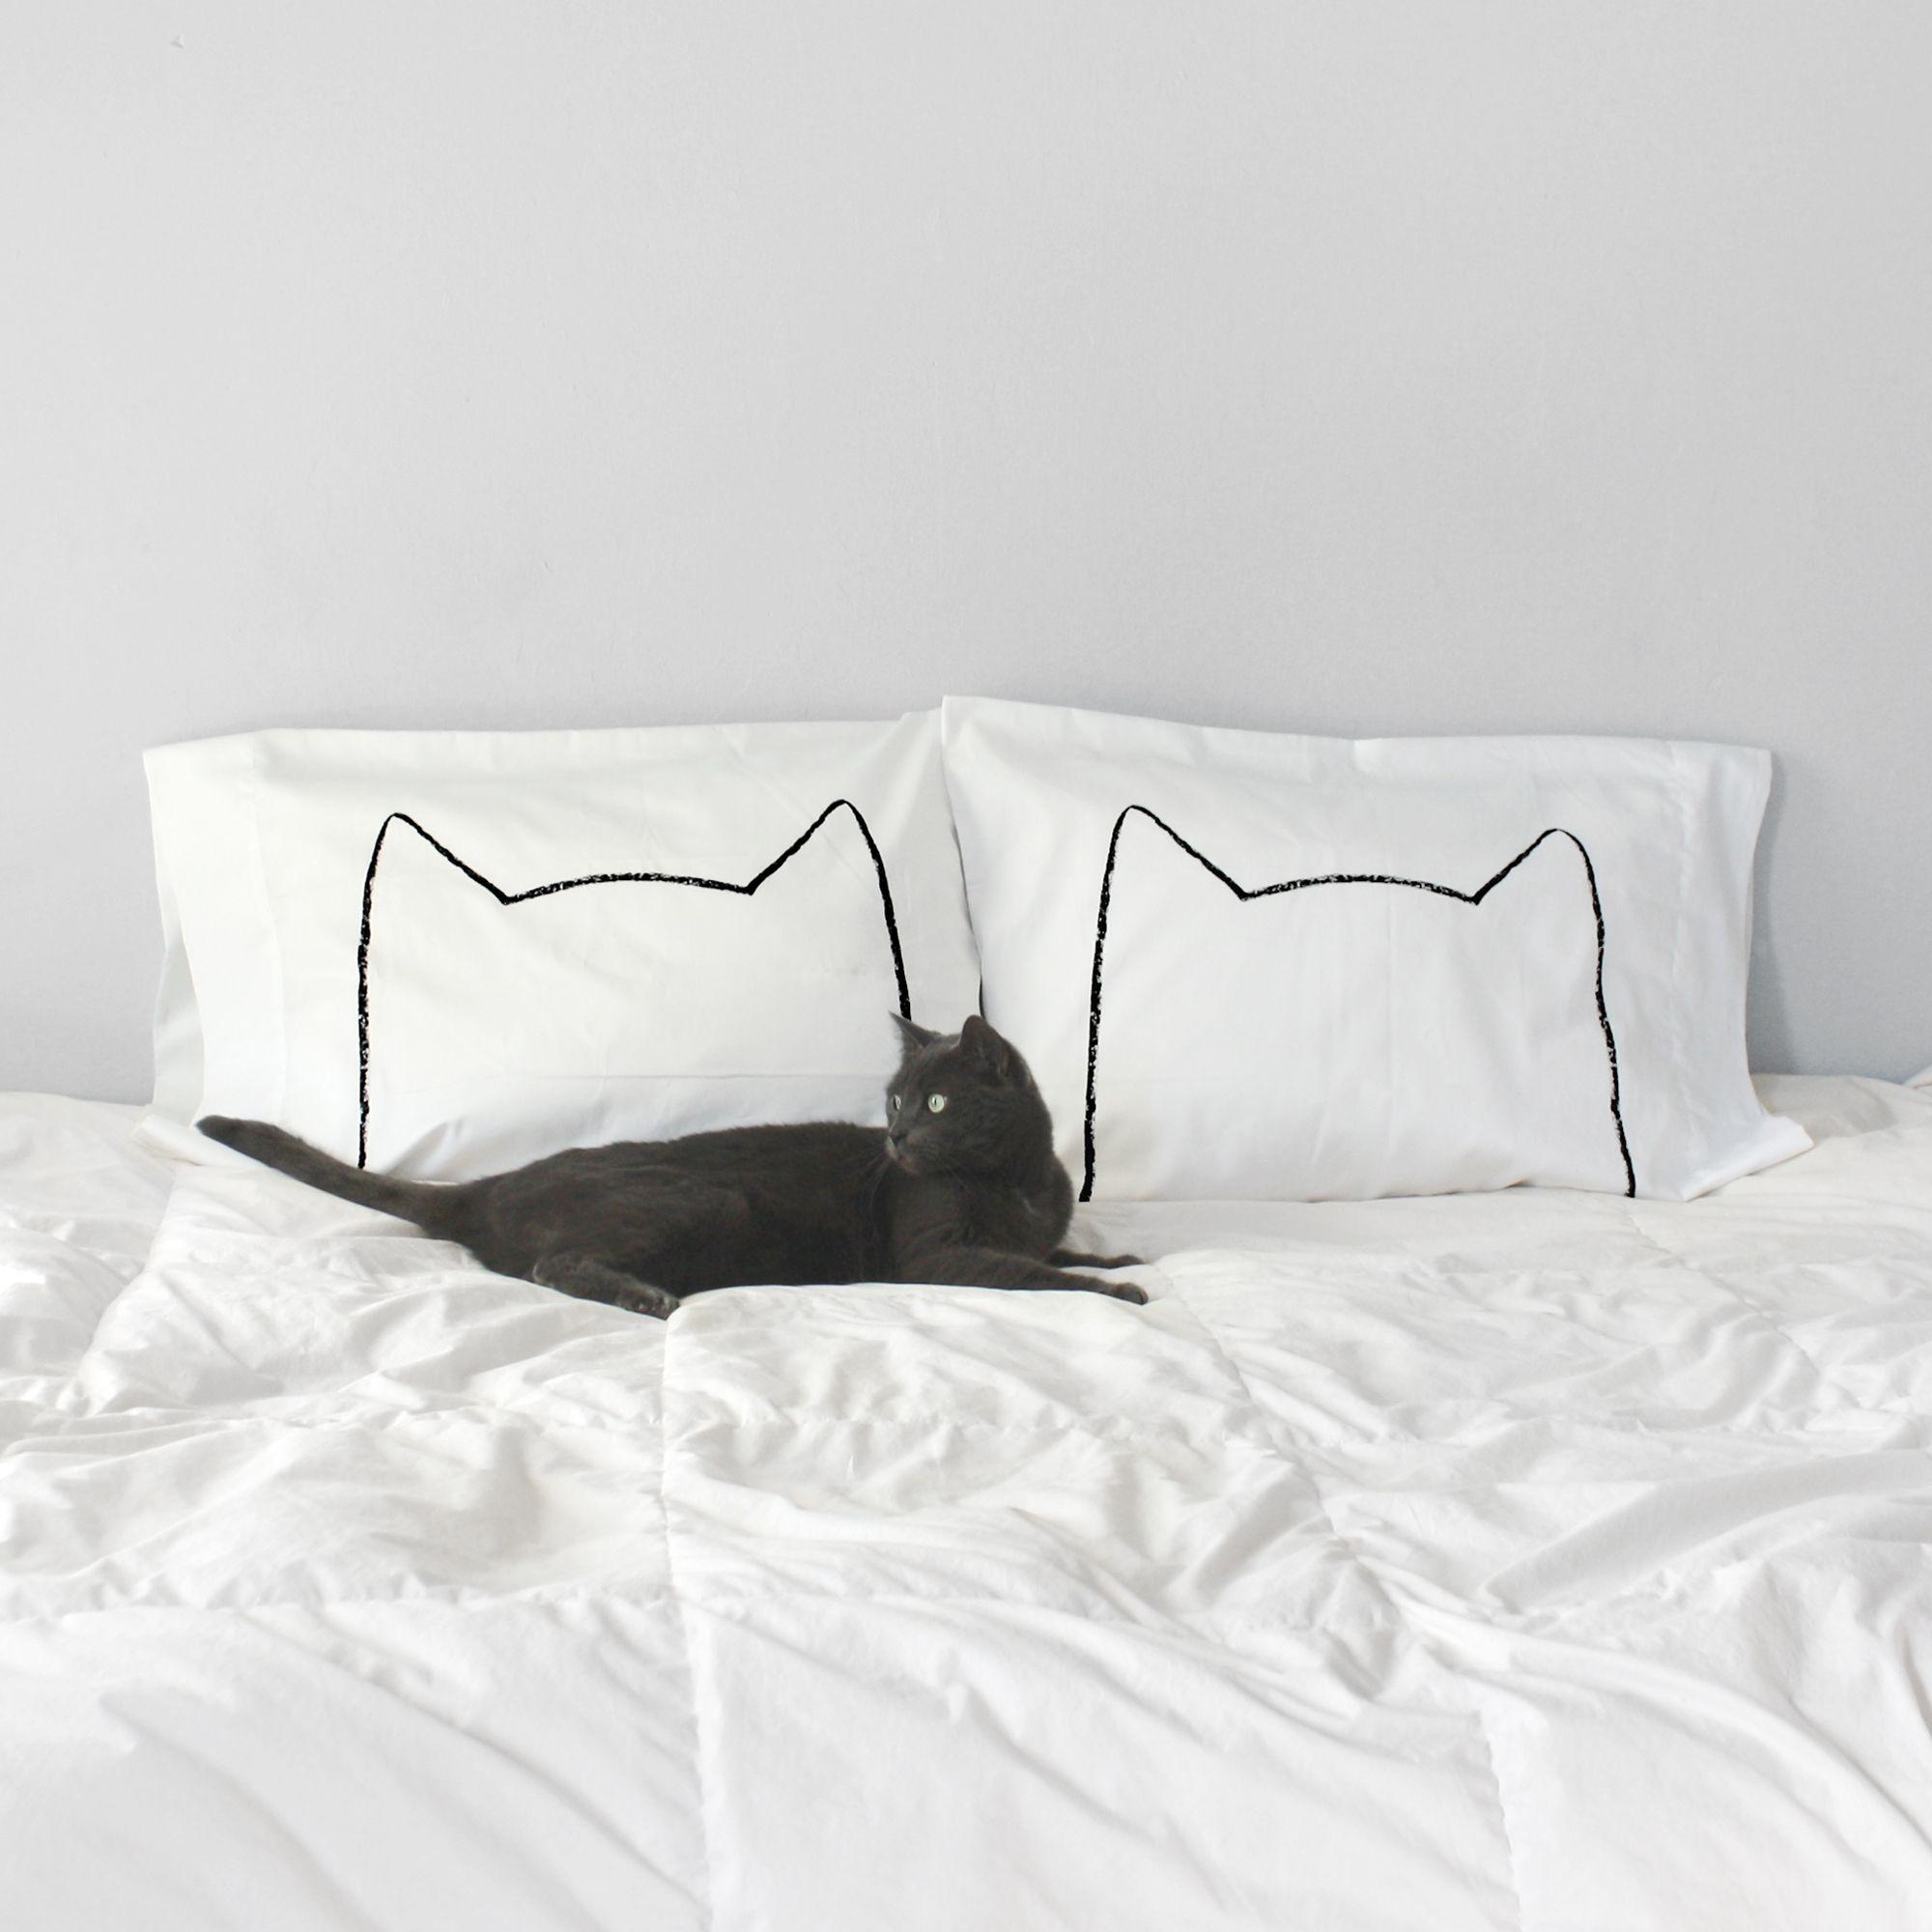 cute cat images with quotes bilder  bilder und sprüche